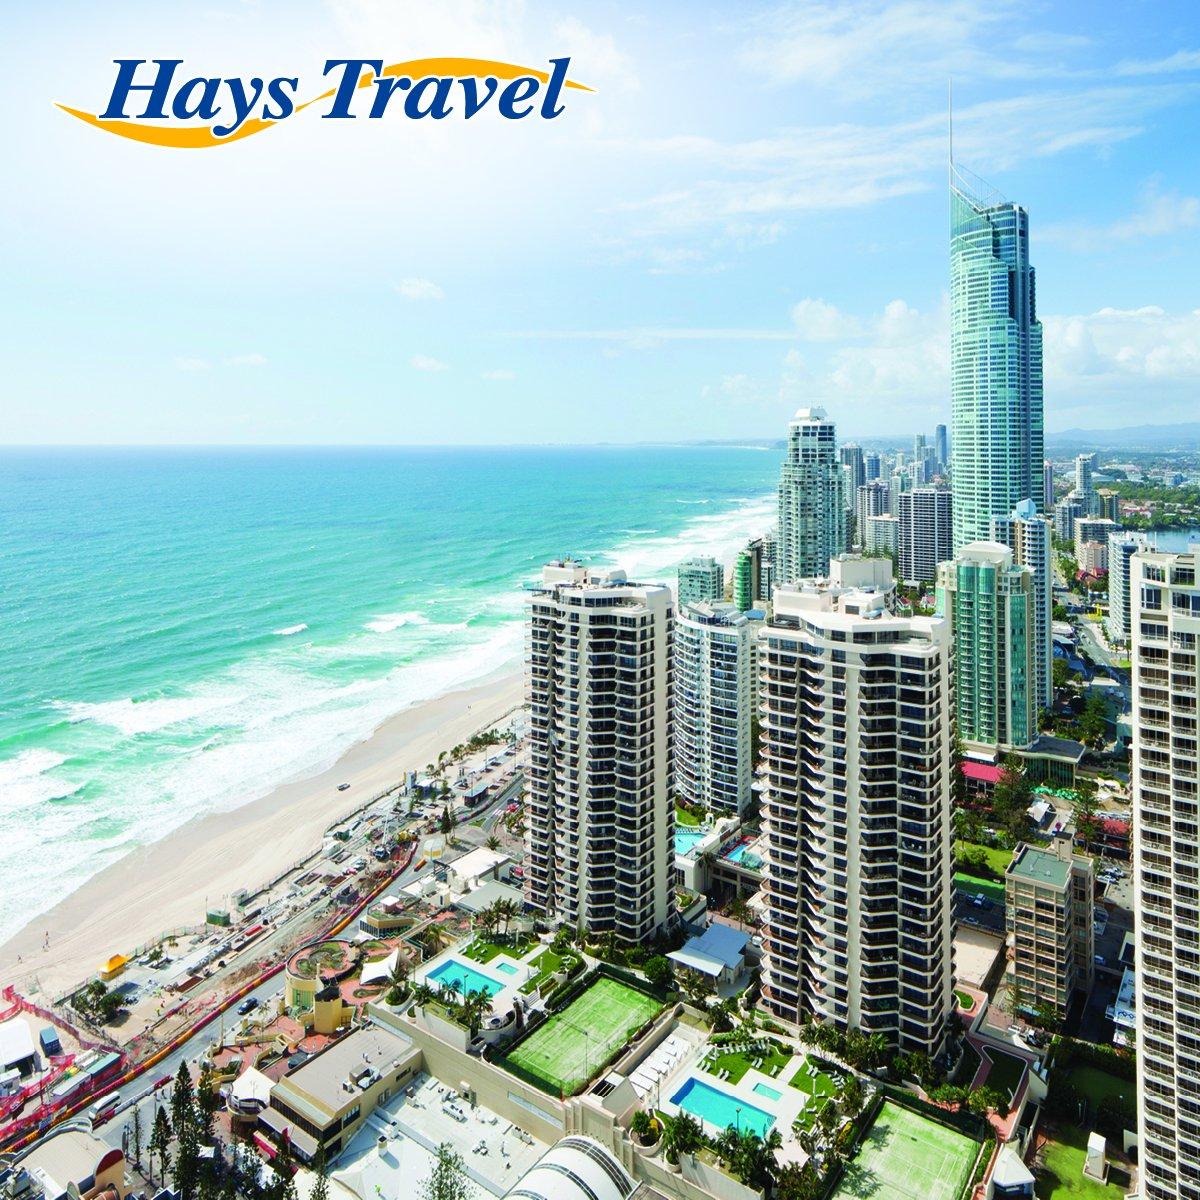 hays travel - photo #6